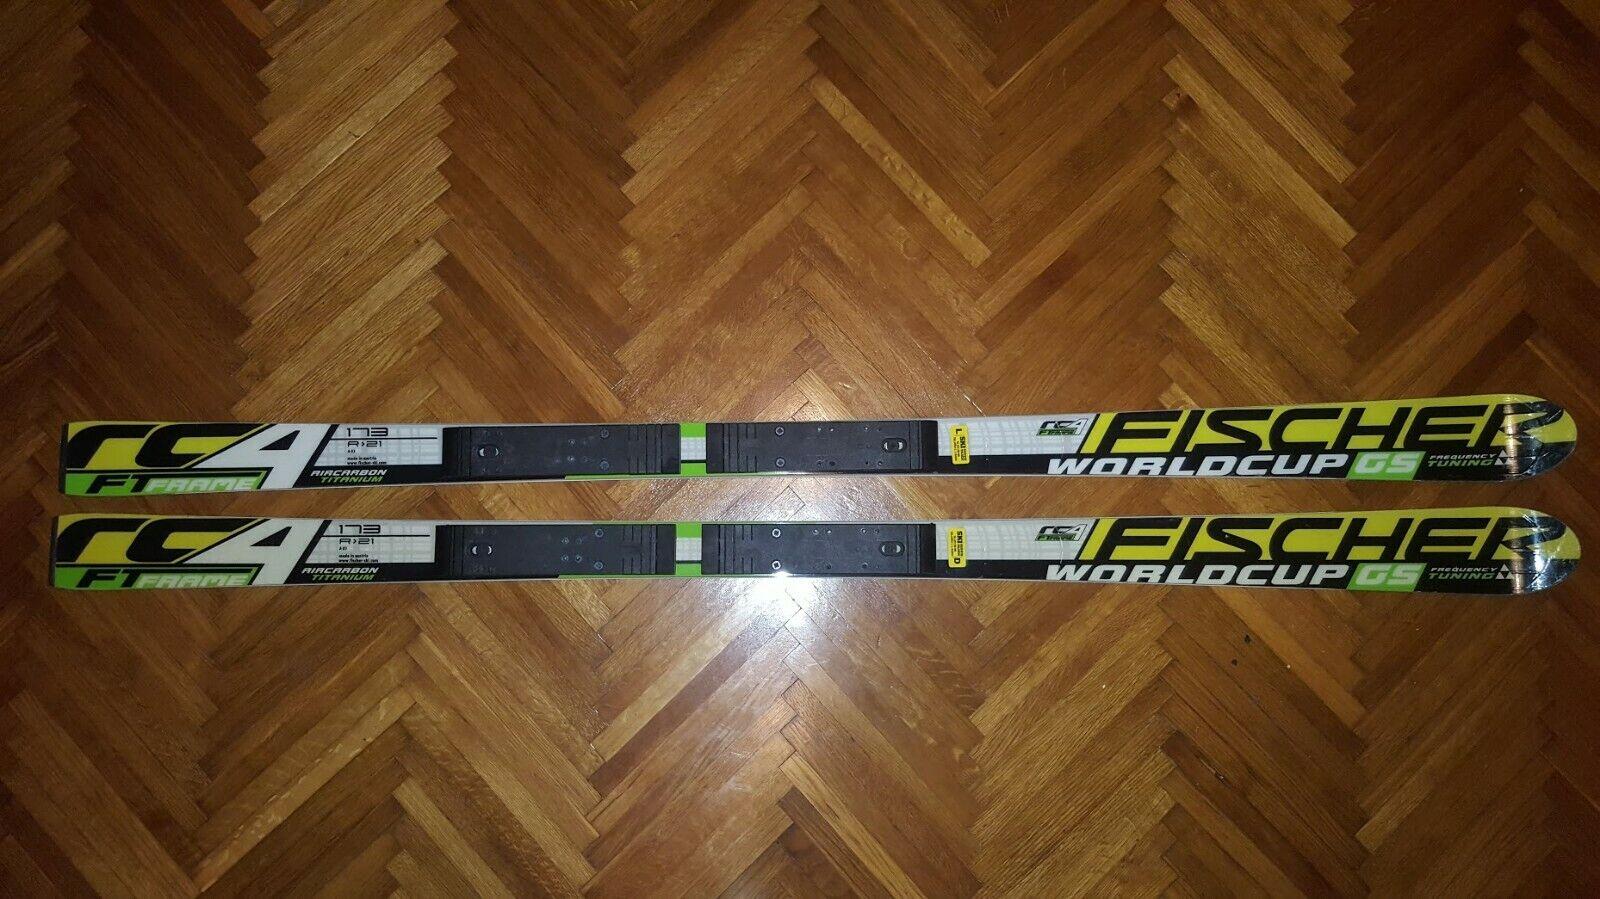 Fischer RC4 Worldcup GS 173cm Rennski Riesenslalom FIS